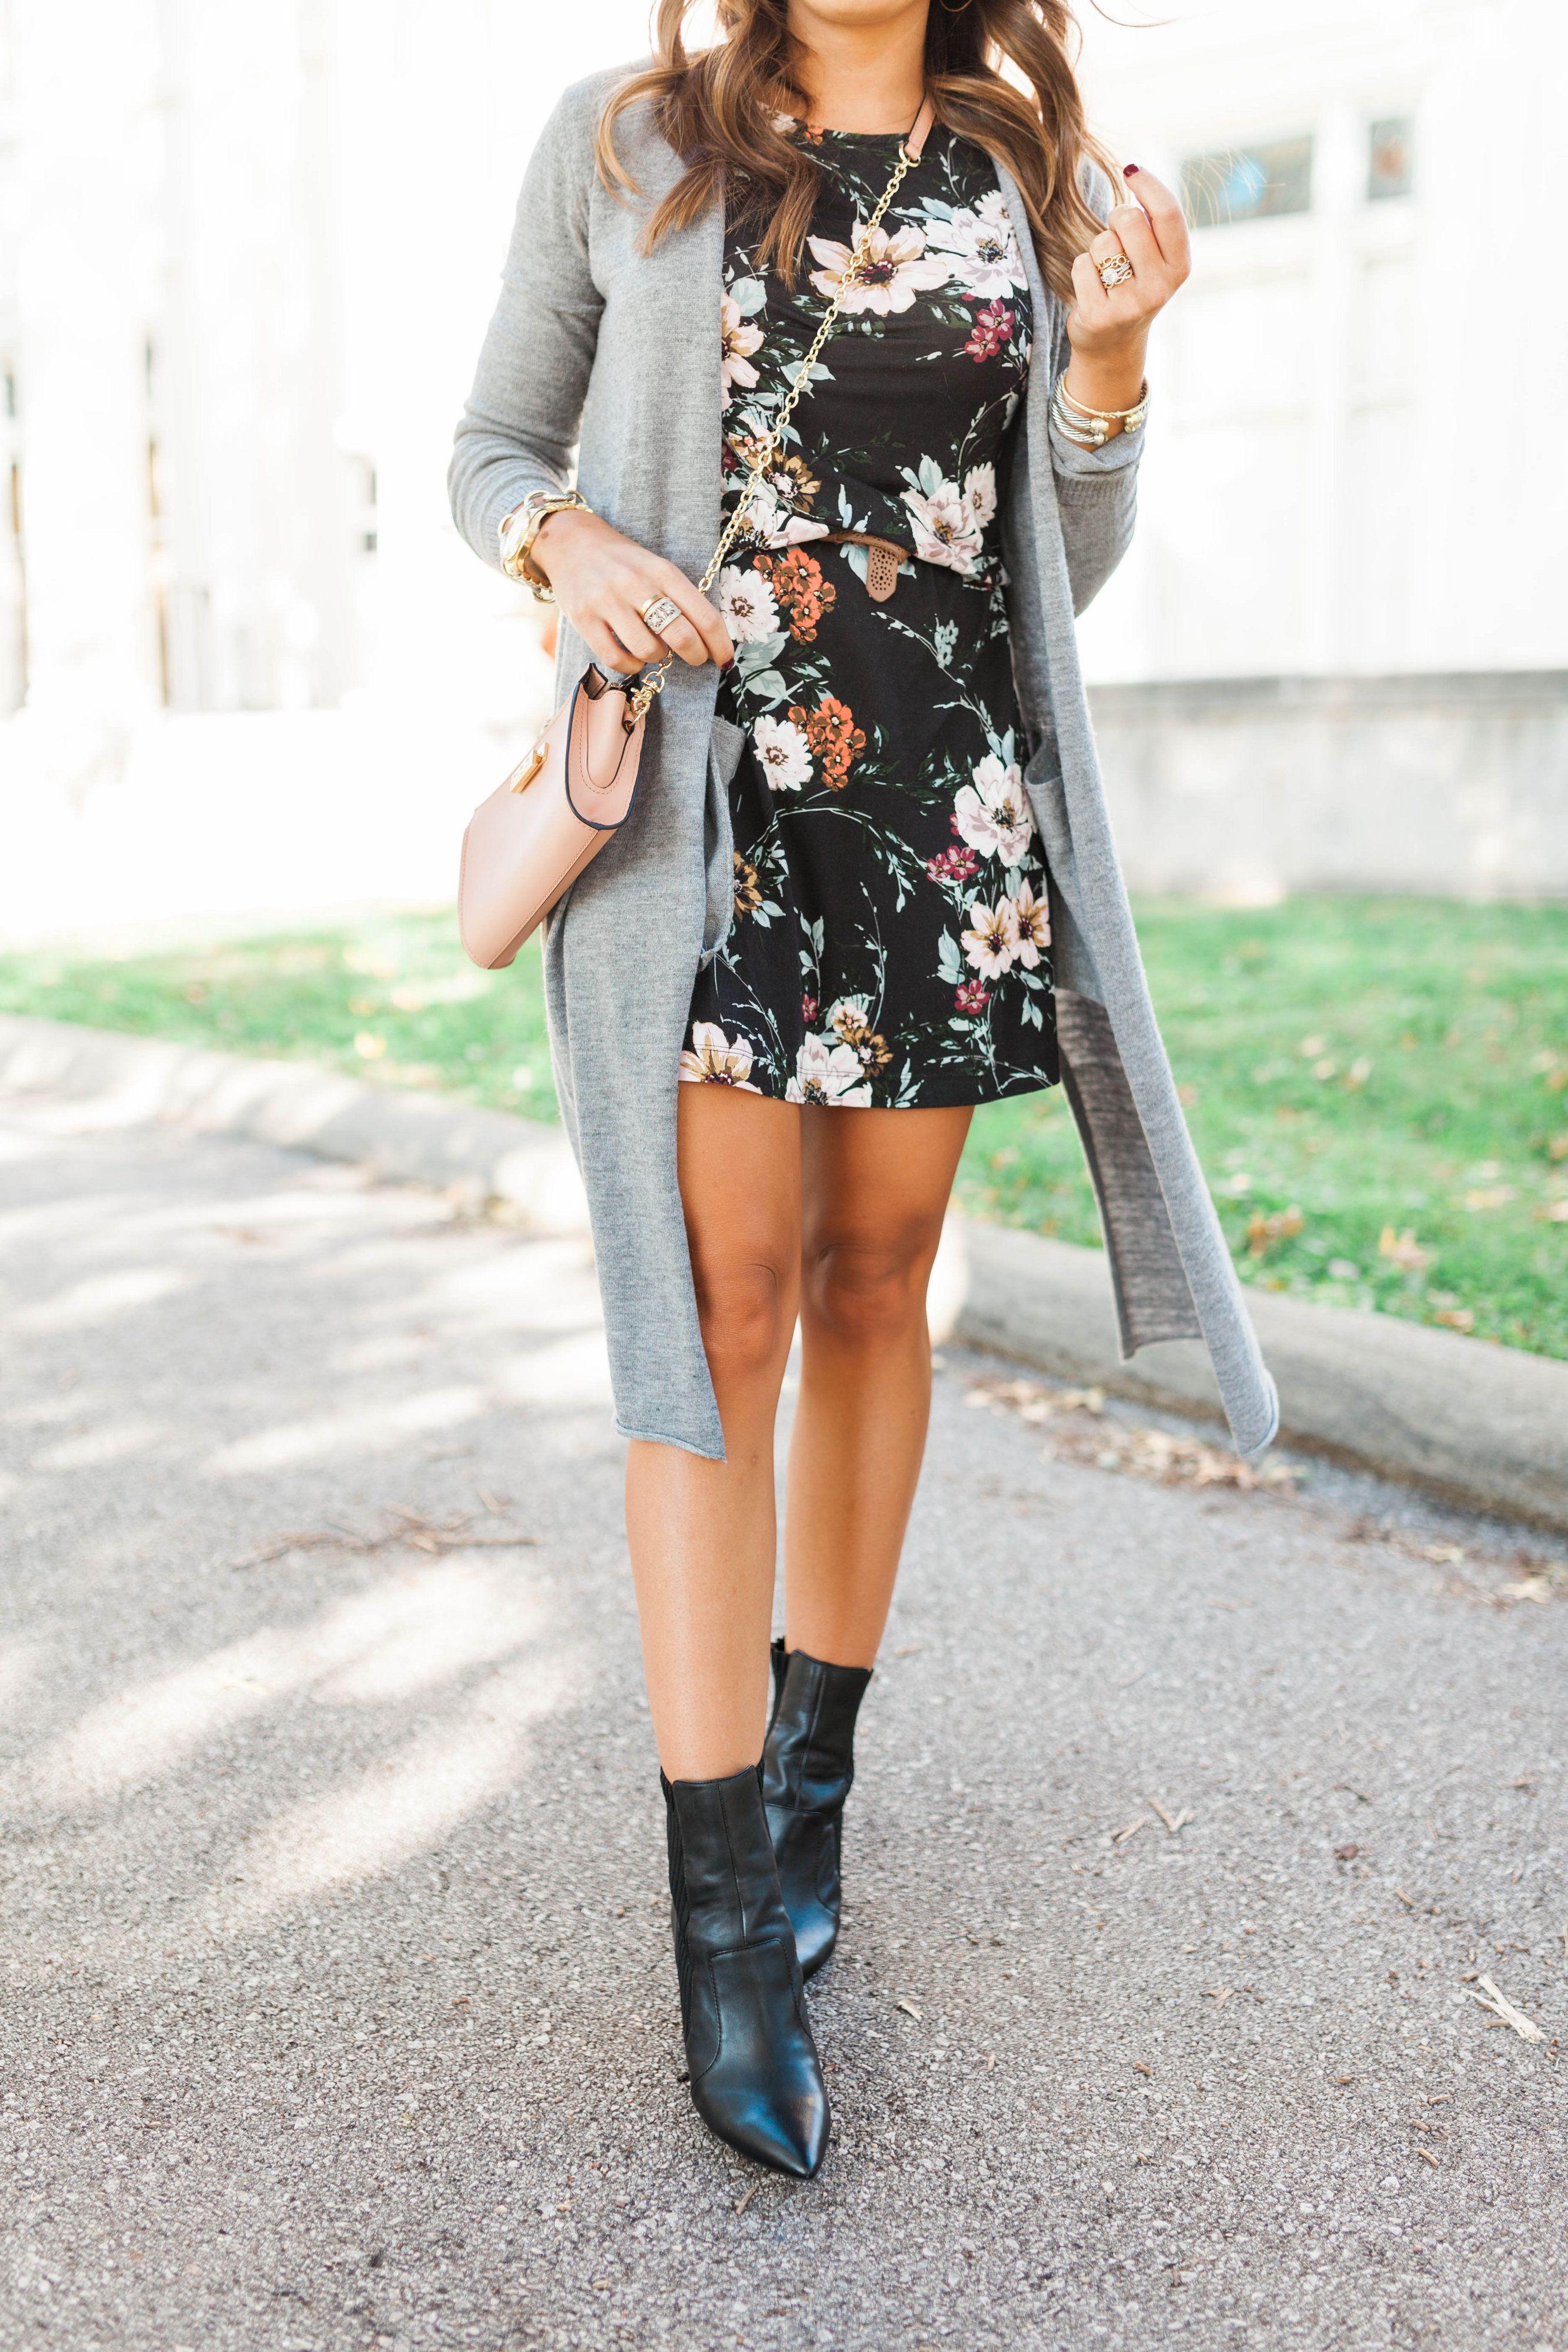 Black Floral Dress Glitter Gingham Spring Fashion Outfits Floral Dress Outfits Floral Outfit Spring [ 4000 x 2667 Pixel ]